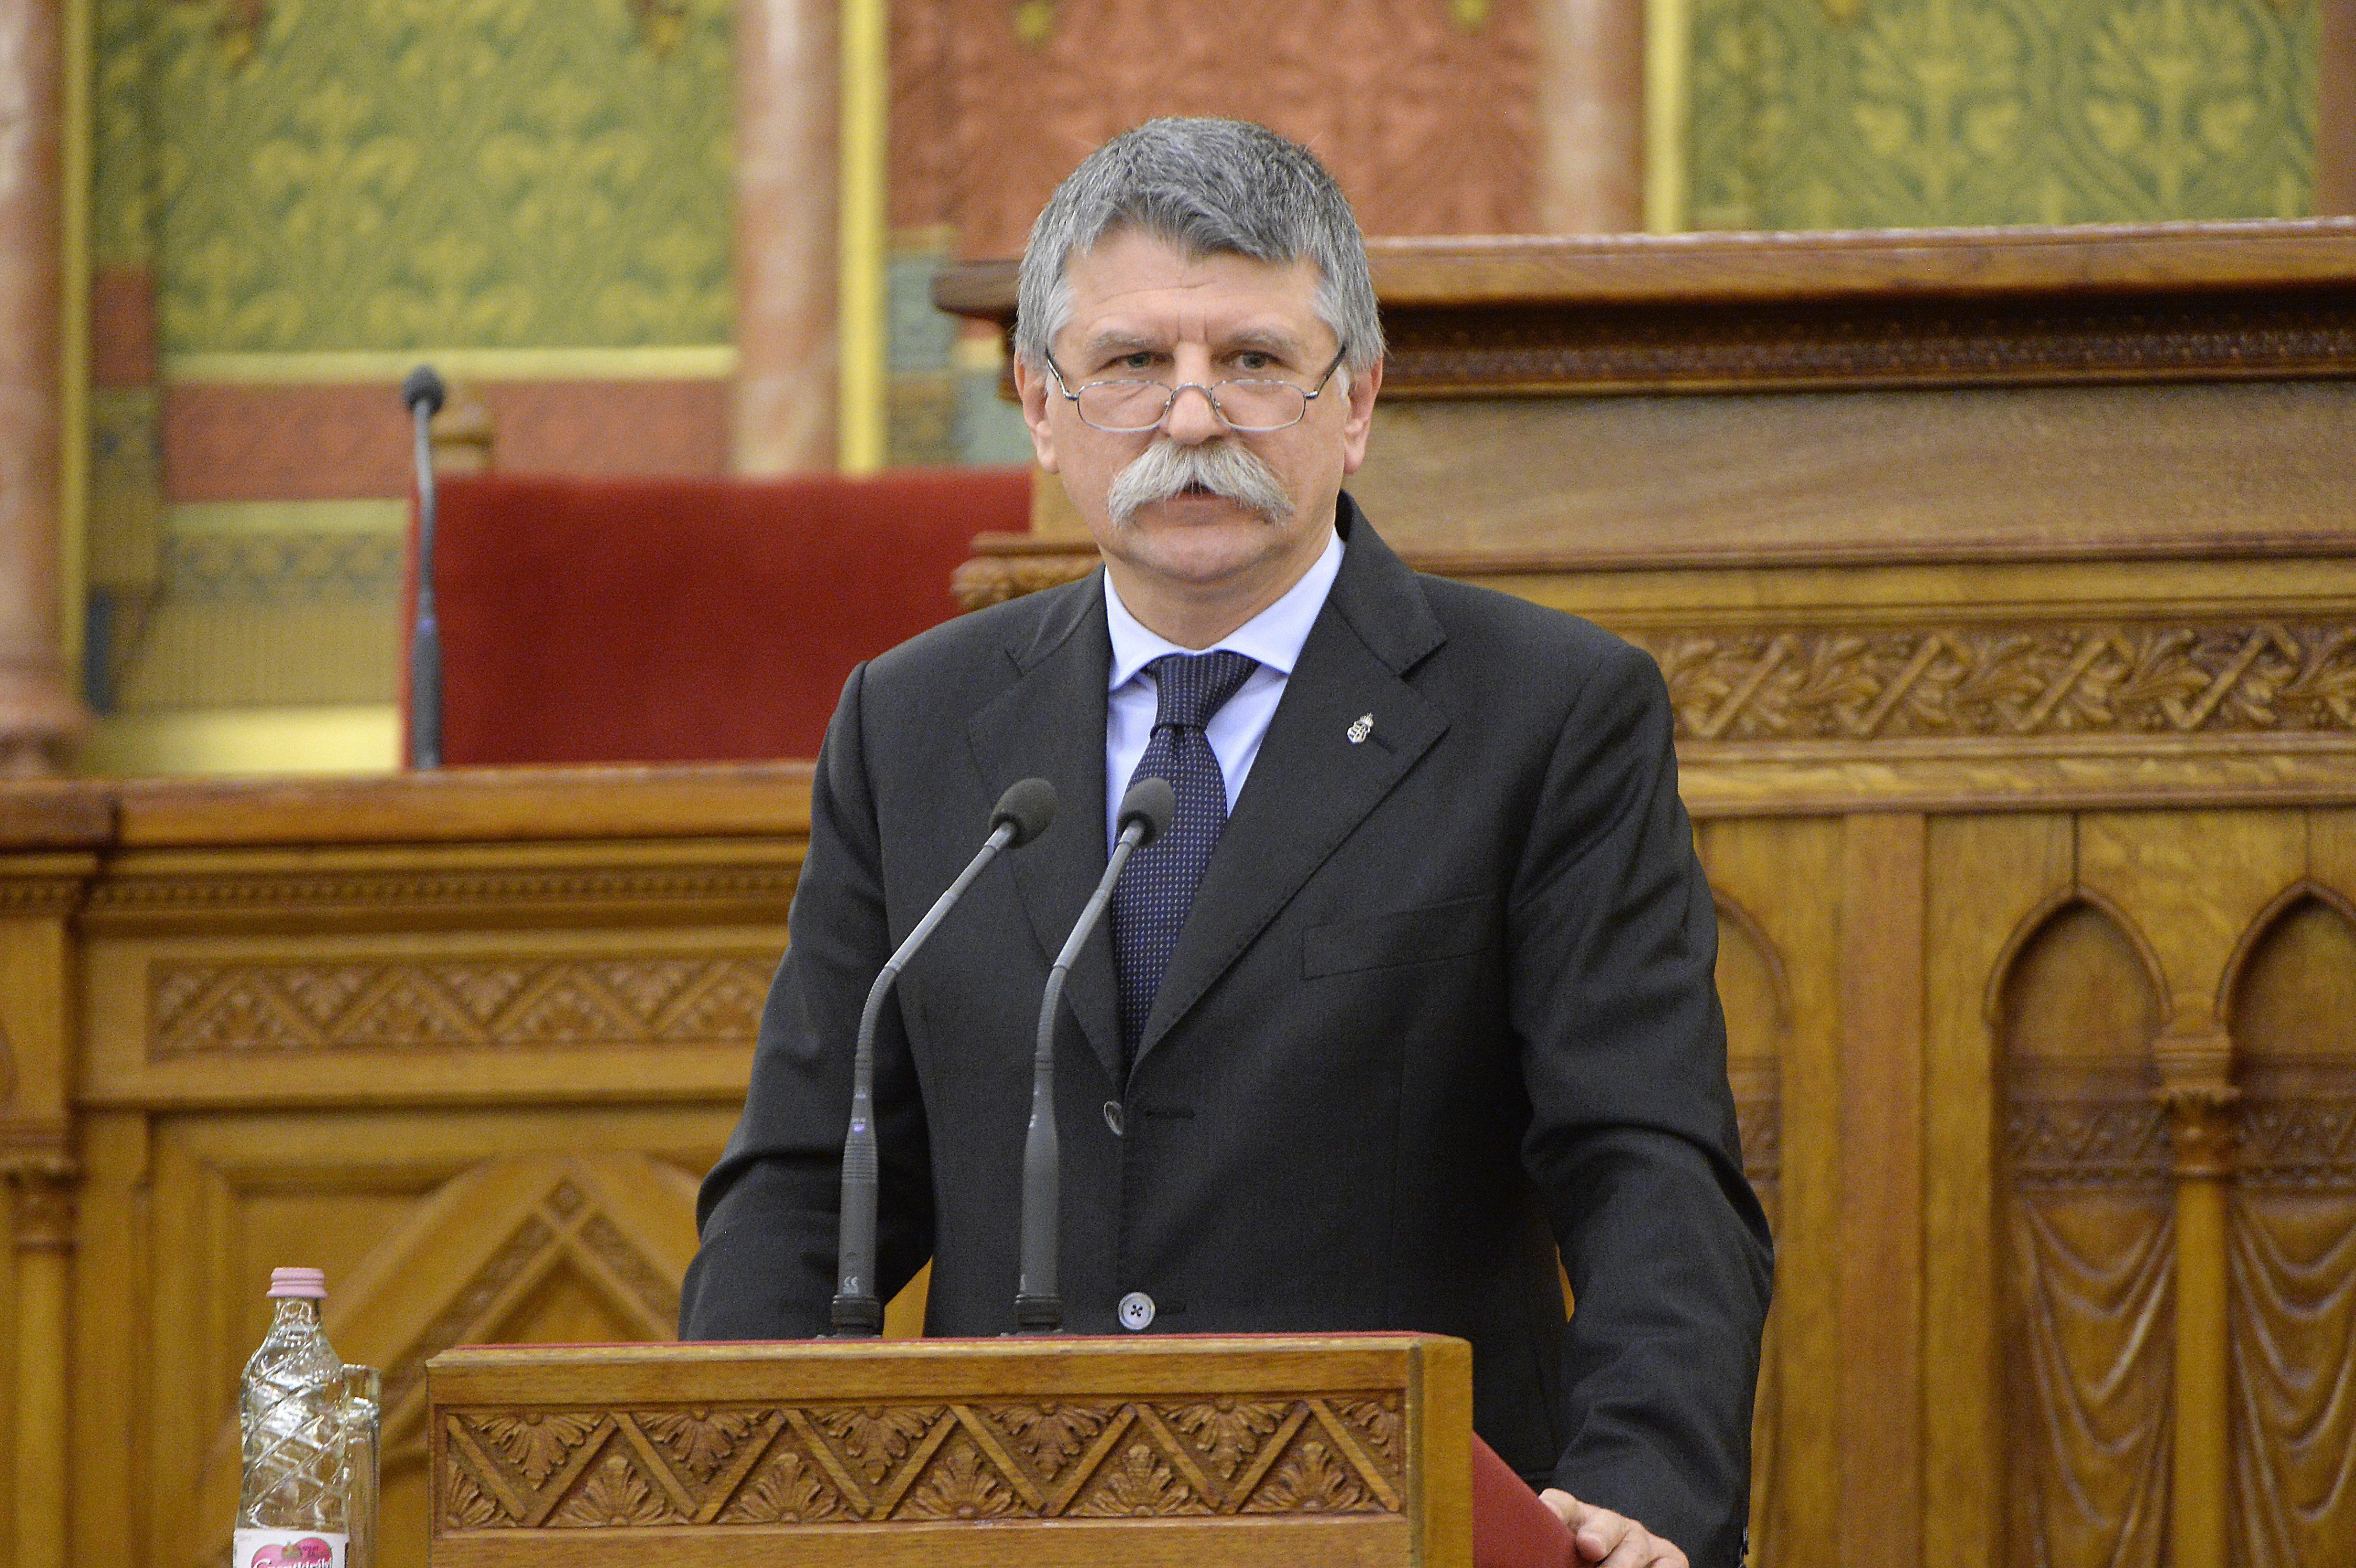 Kitiltották a hvg.hu, az Index, a Nol és a 24.hu tudósítóit a parlamentből